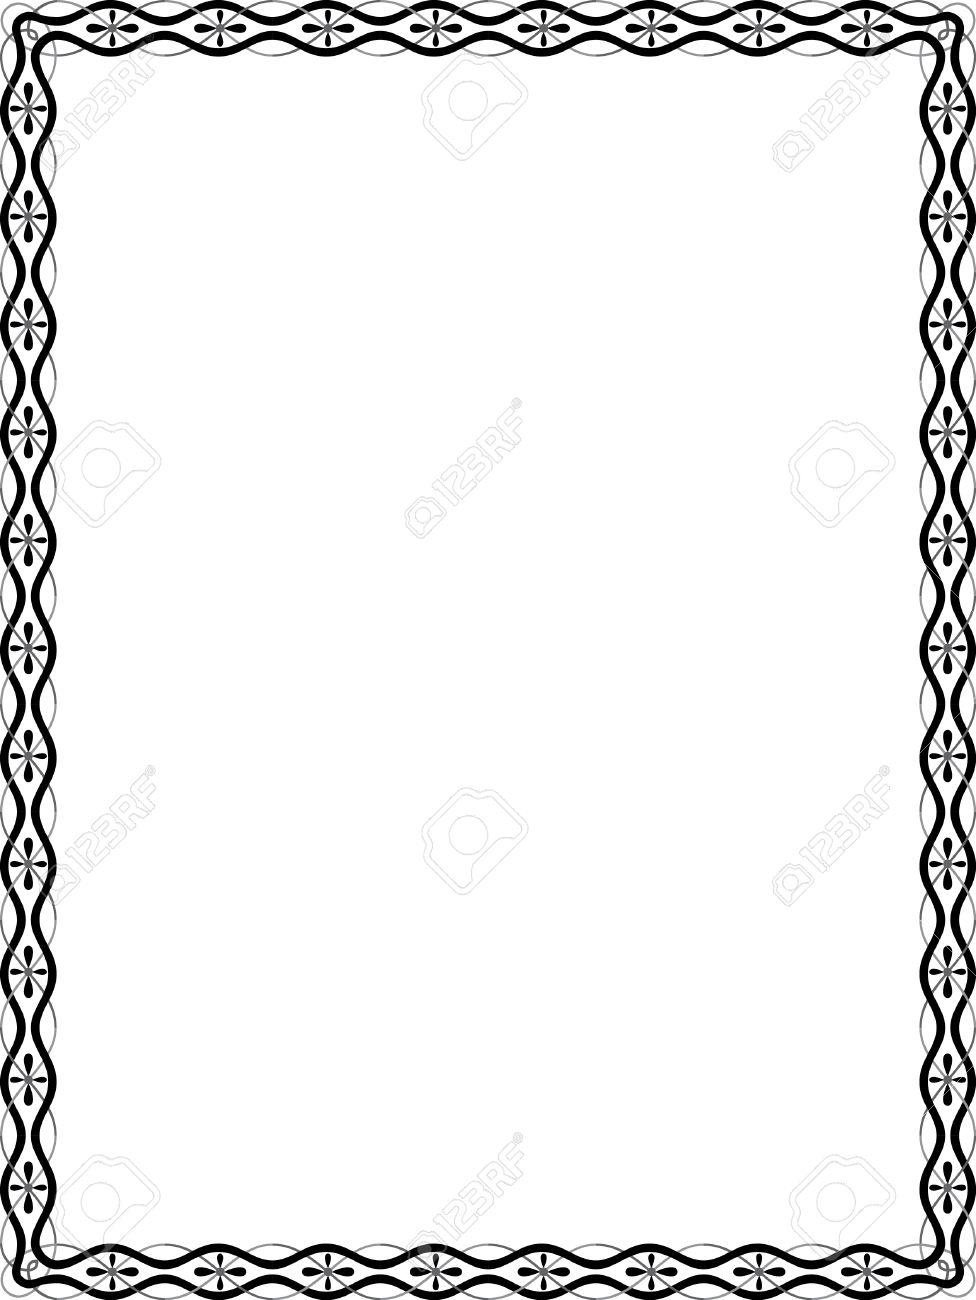 Líneas Simples Marco Vector, Escala De Grises Ilustraciones ...